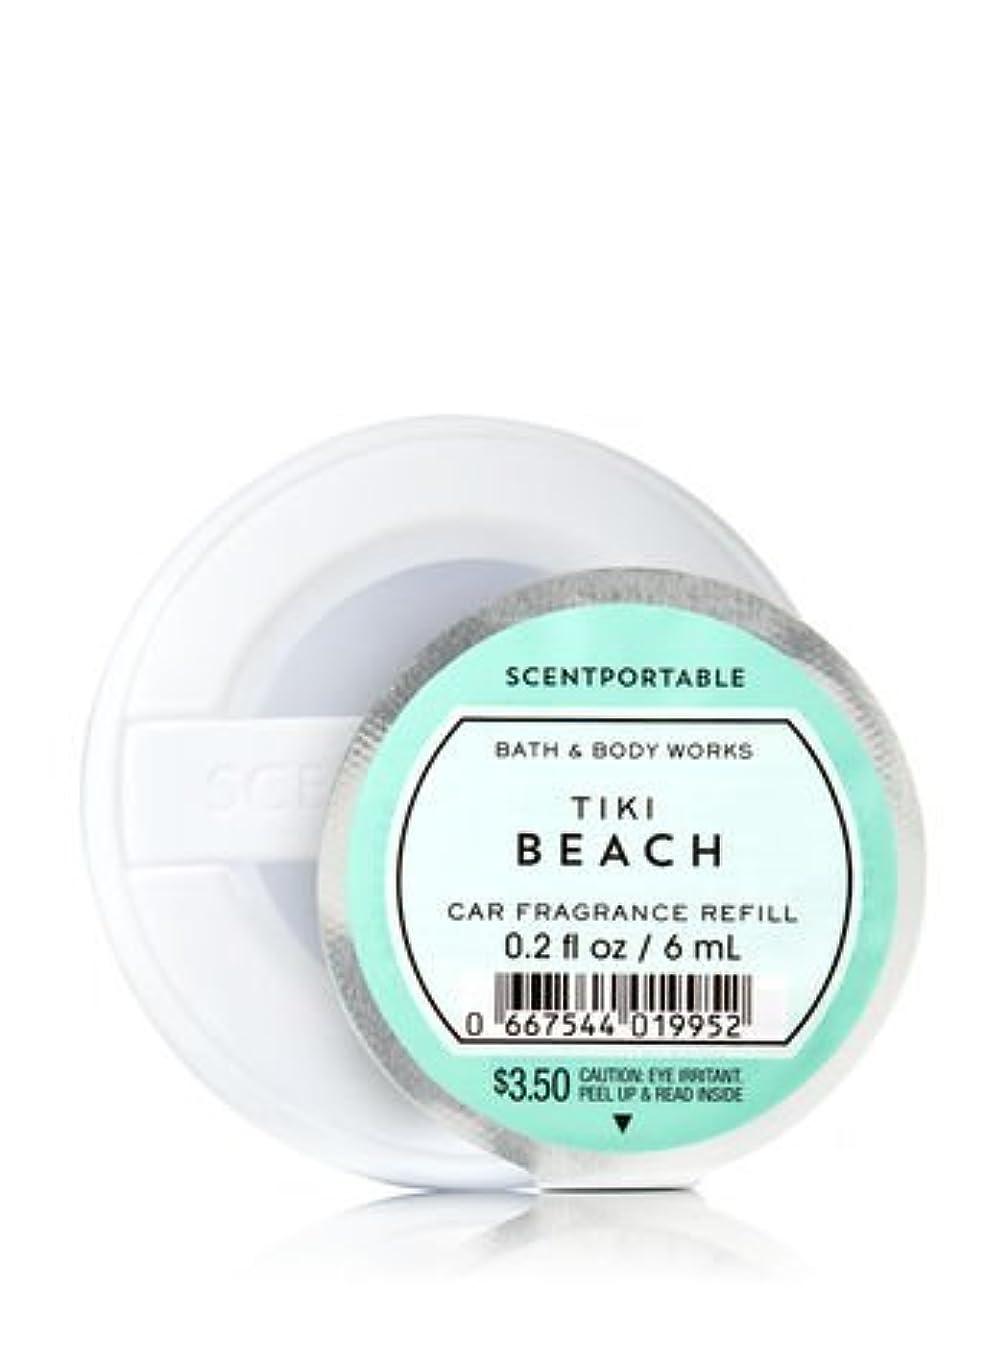 硬いバタフライ切手【Bath&Body Works/バス&ボディワークス】 クリップ式芳香剤 セントポータブル詰替えリフィル ティキビーチ Scentportable Fragrance Refill Tiki Beach [並行輸入品]